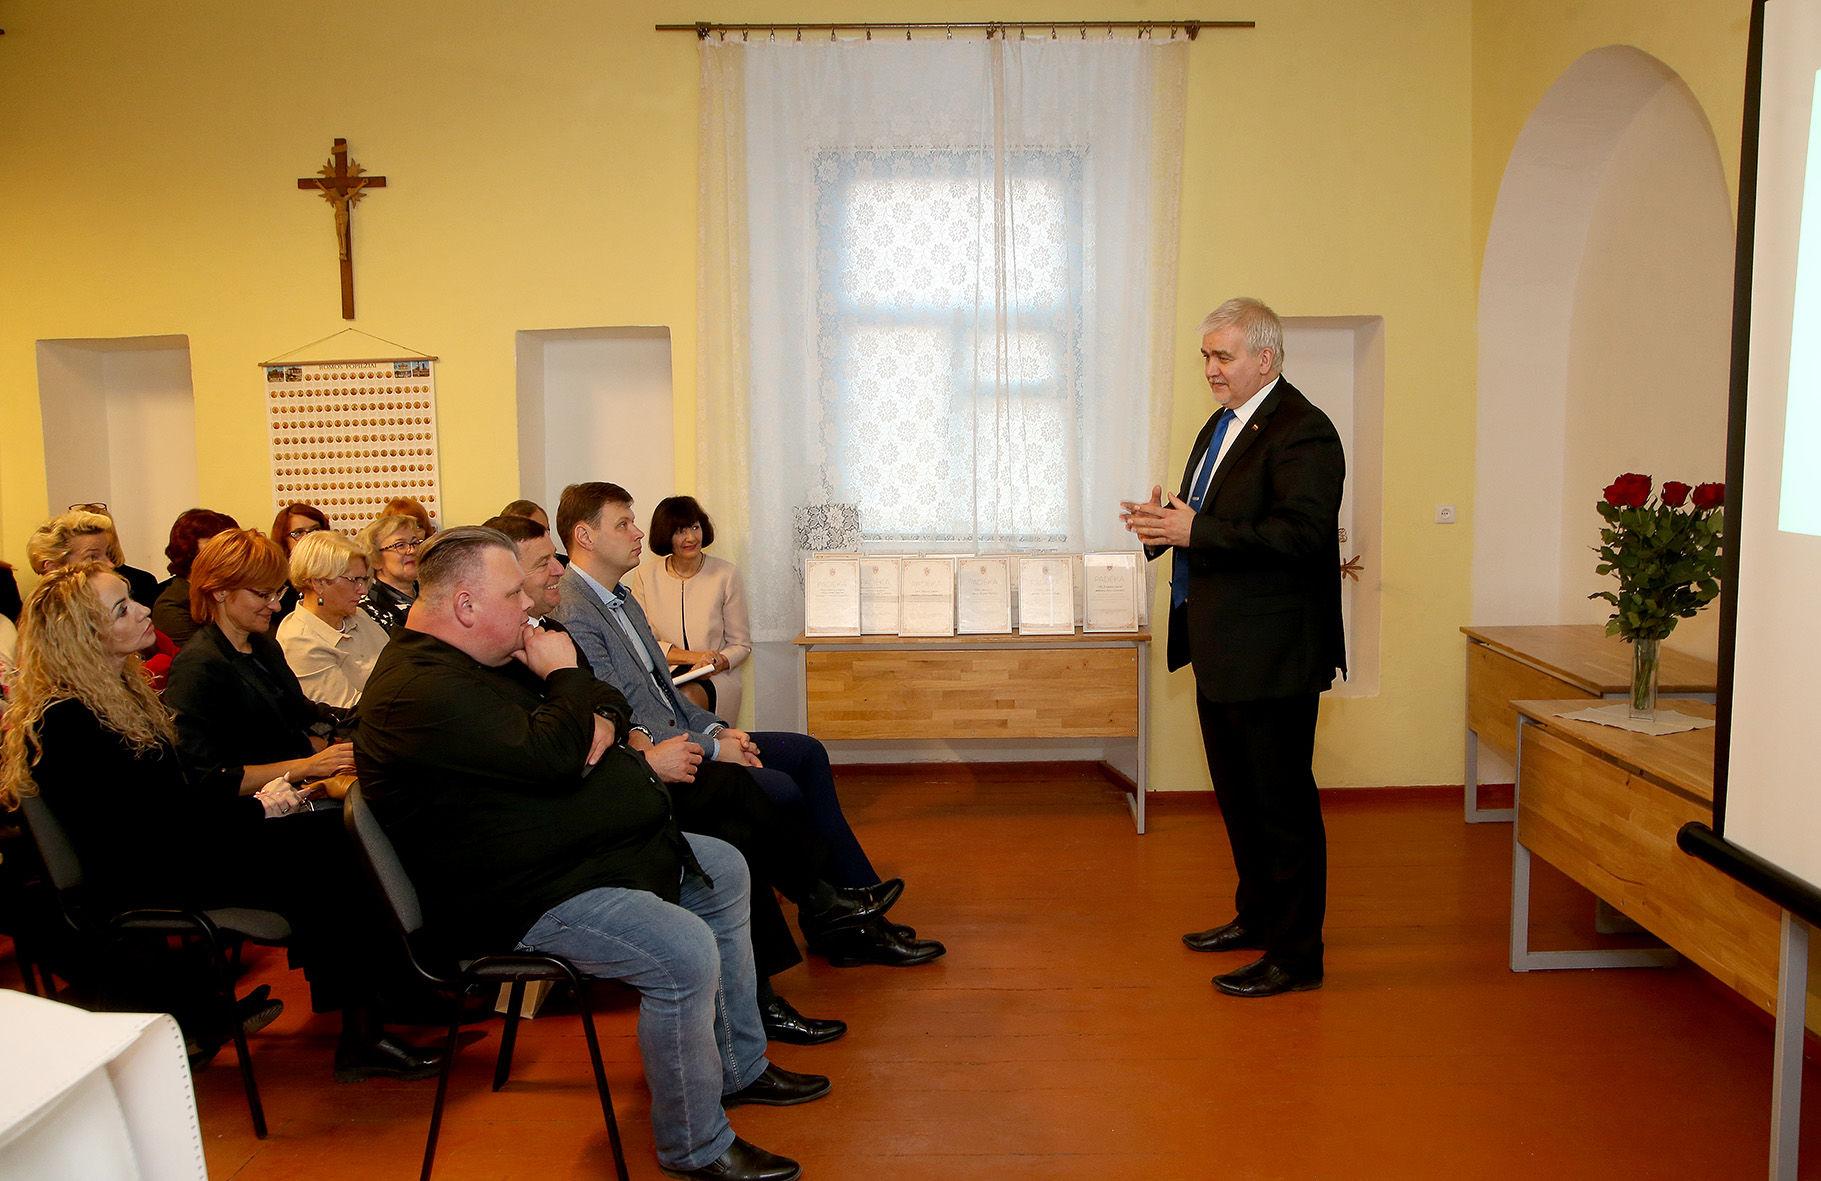 Renginyje dalyvavo ir gražia iniciatyva džiaugėsi Seimo narys Darius Kaminskas. / A. Barzdžiaus nuotr.